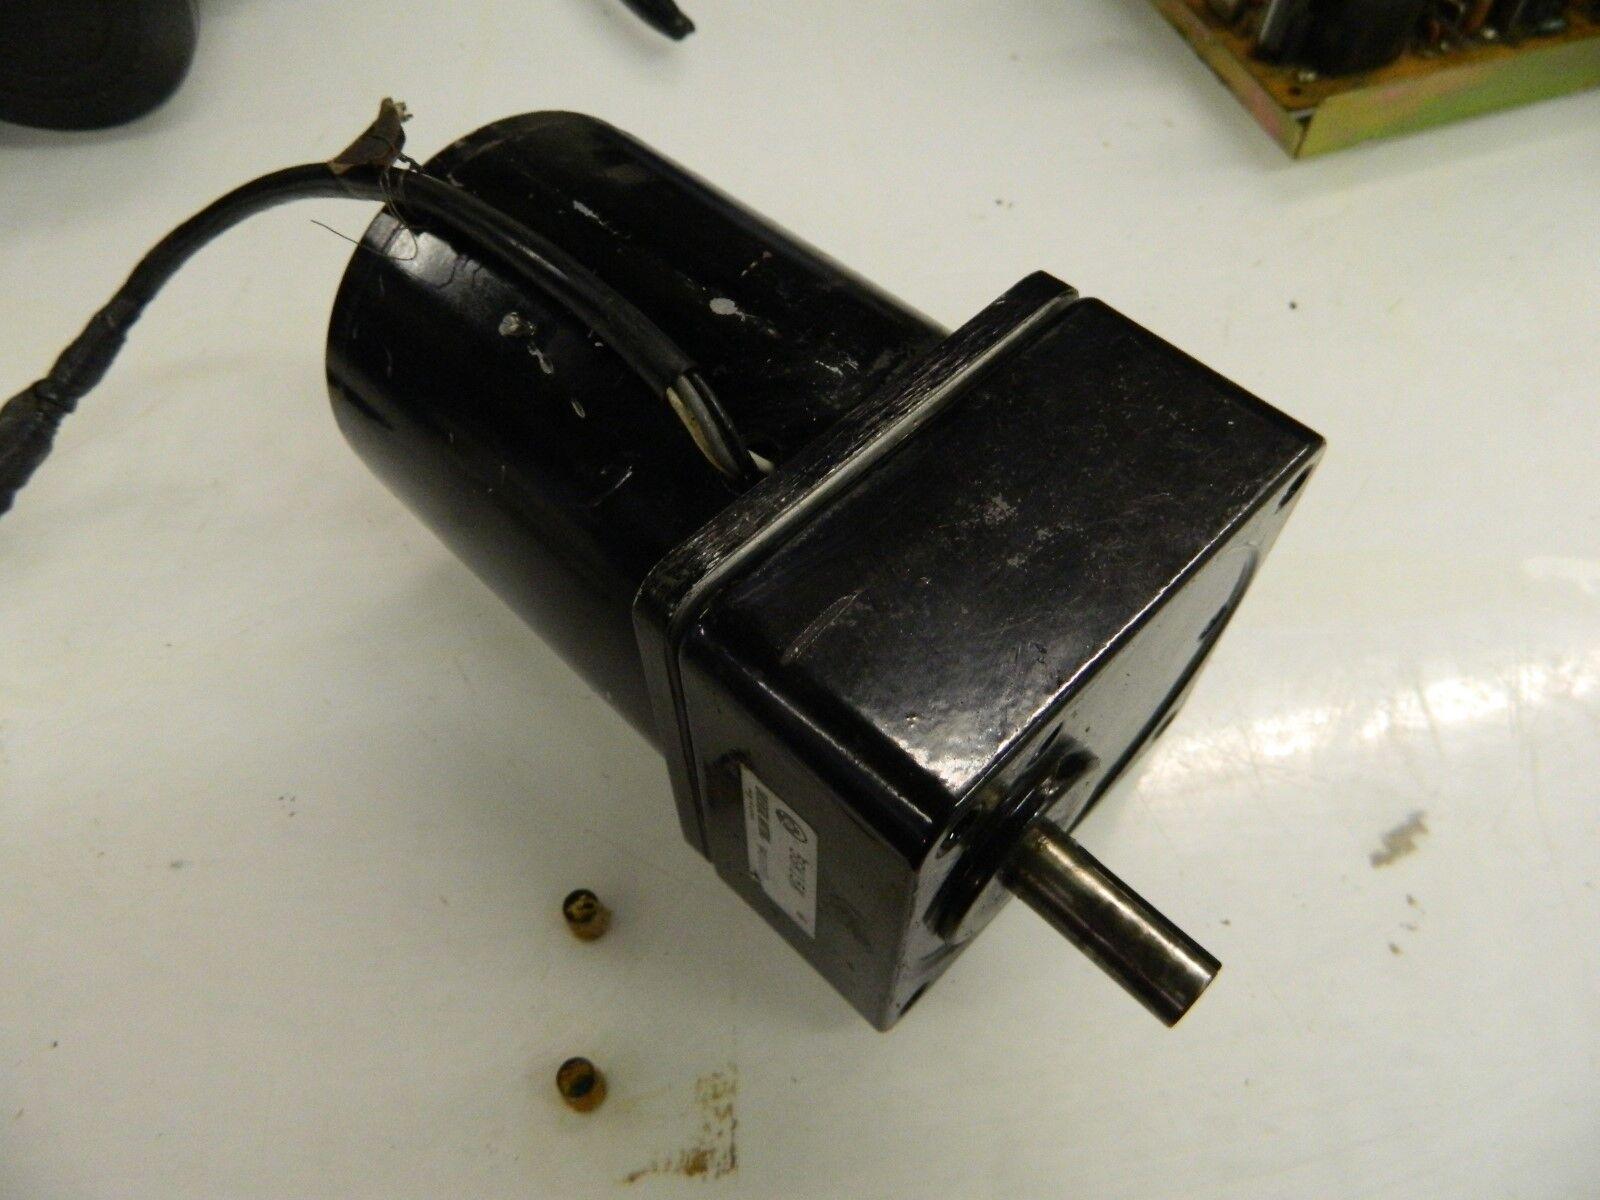 Used 100V Oriental Motor 5TK20GK-A Motor w// 5GK15K Gear Box 20W WARRANTY